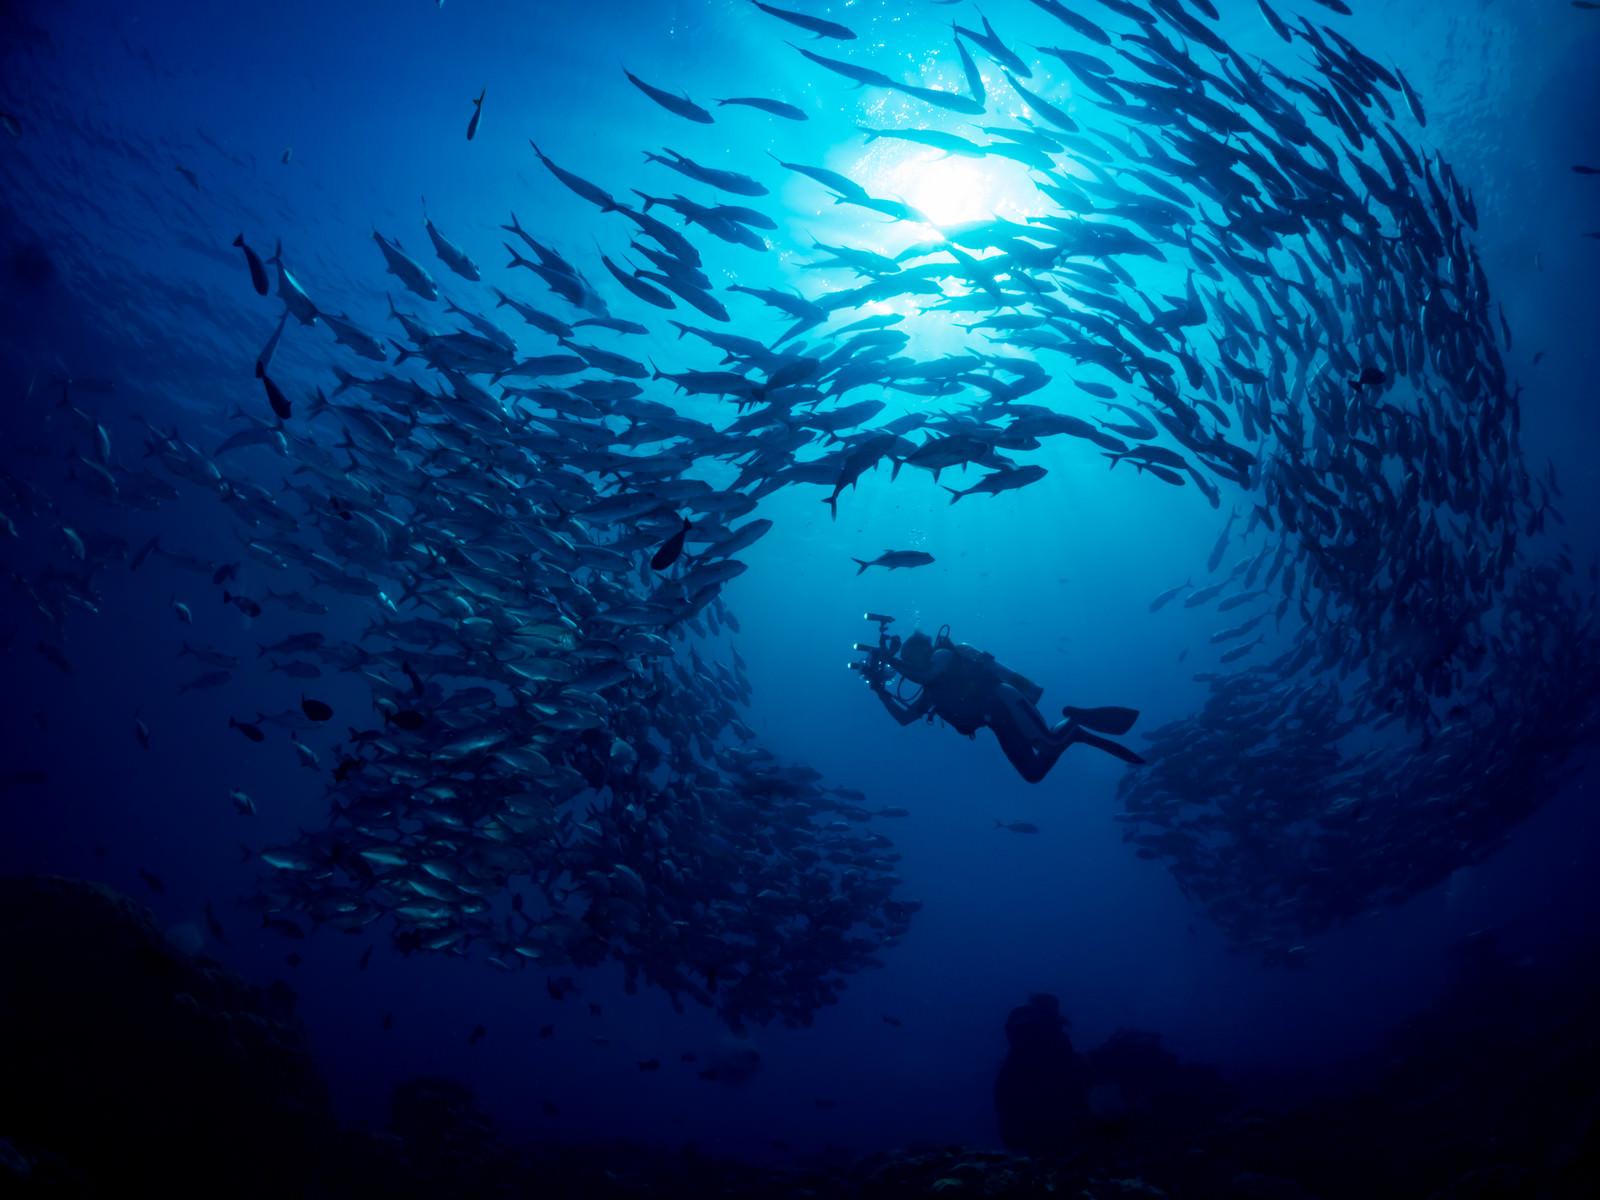 「ギンガメアジに囲まれるダイバー」の写真